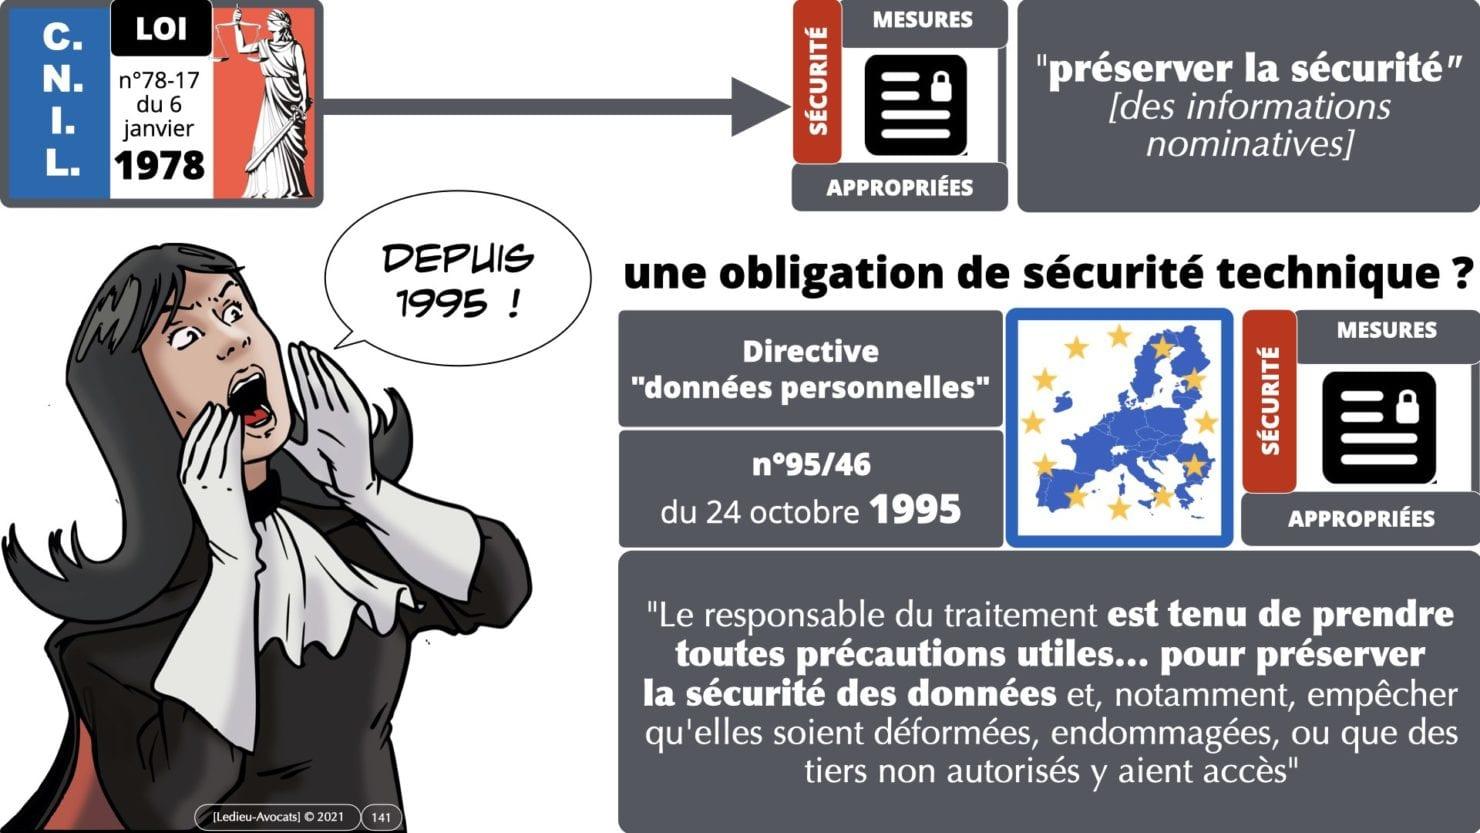 333 CYBER ATTAQUE responsabilité pénale civile contrat © Ledieu-Avocats 23-05-2021.141